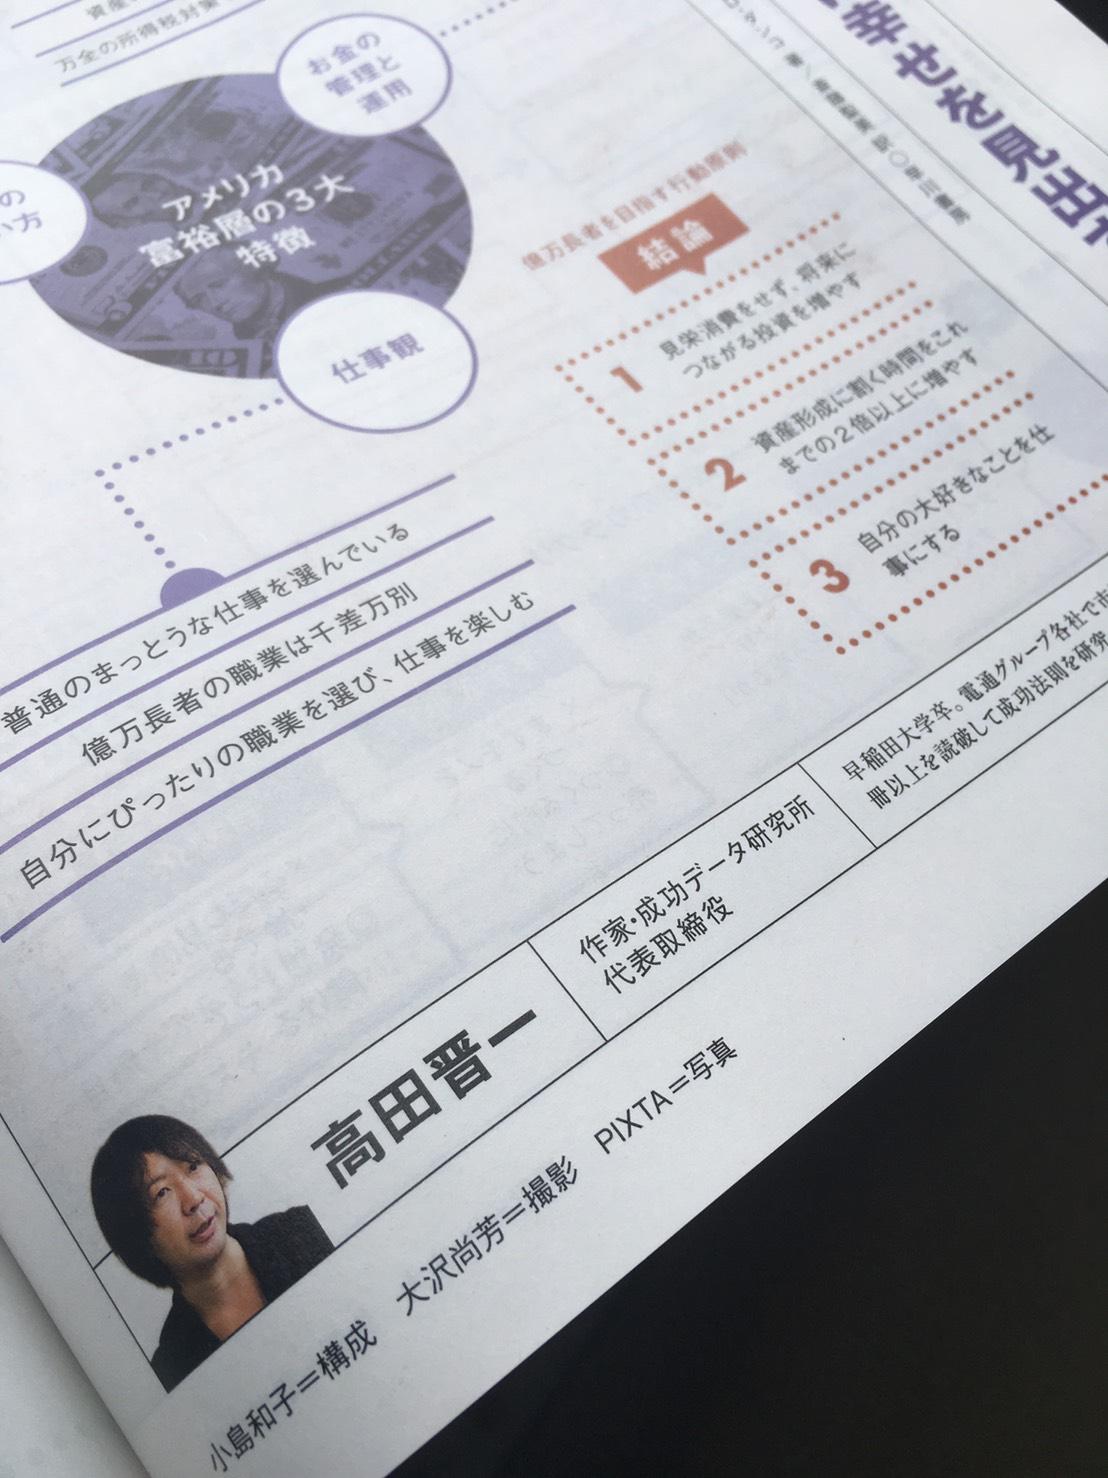 【NEWS】ビジネス誌「PRESIDENT」にインタビューが載りました!